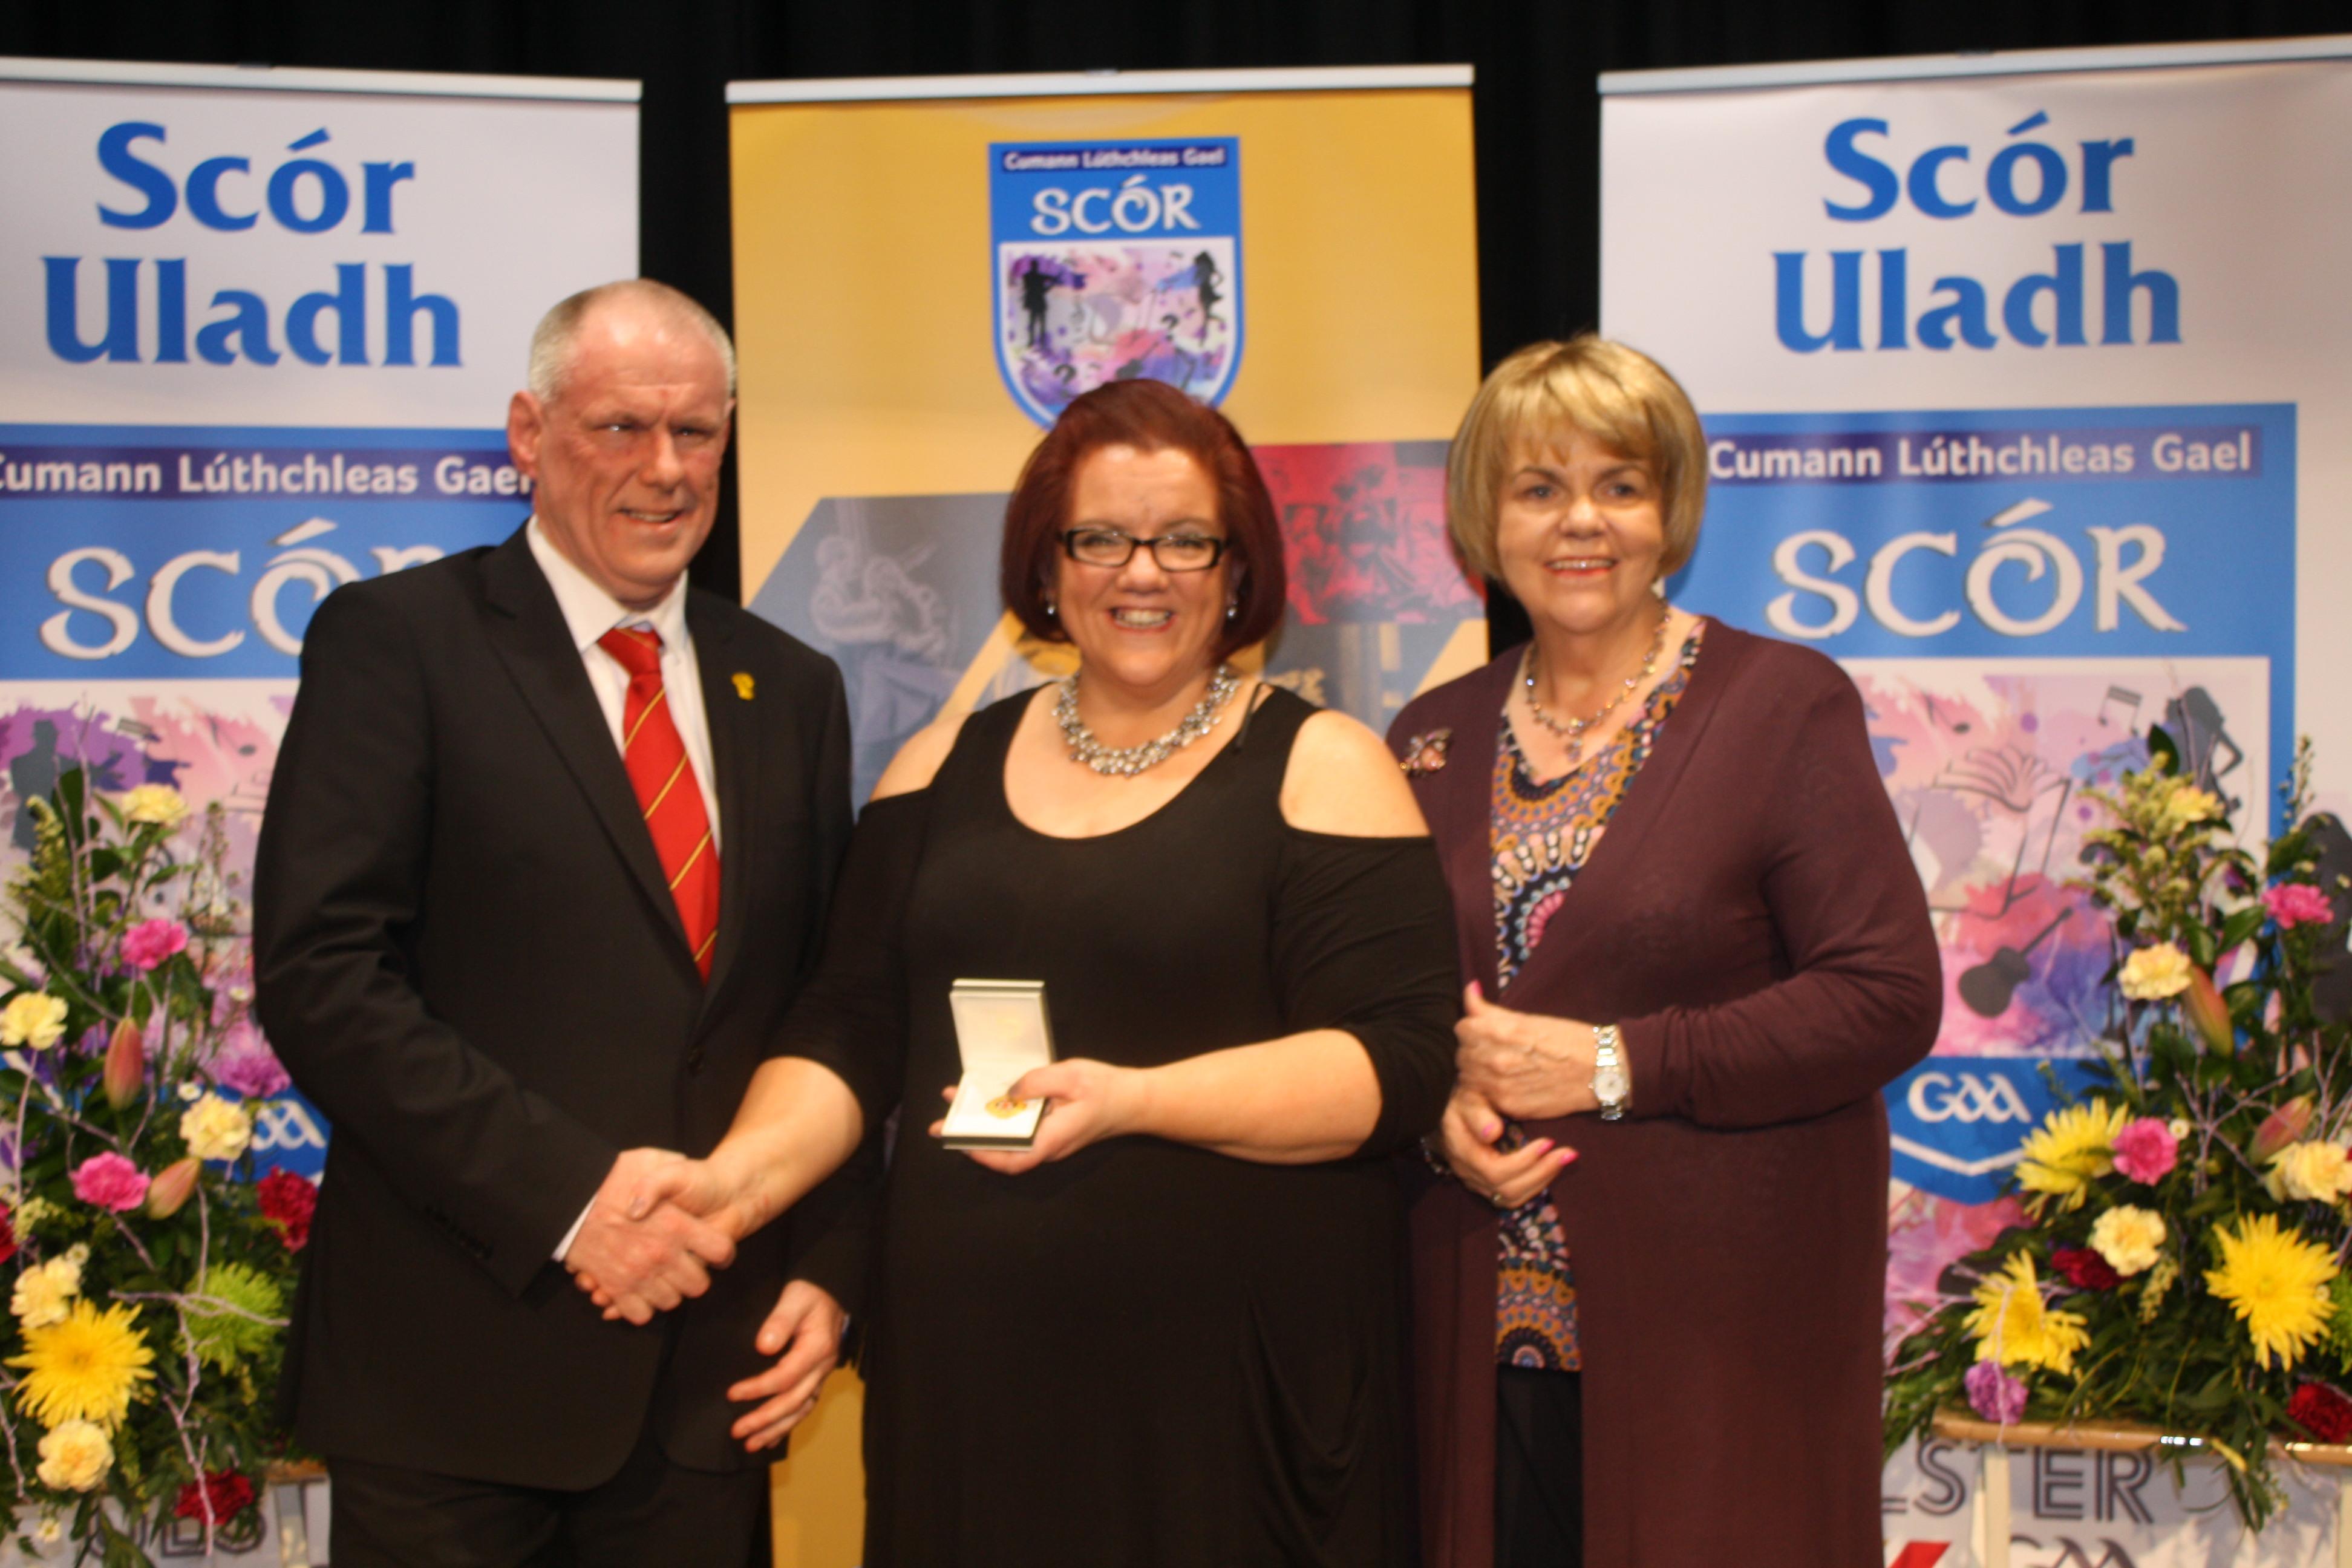 Comhghairdeas Amelia – Ulster Winner